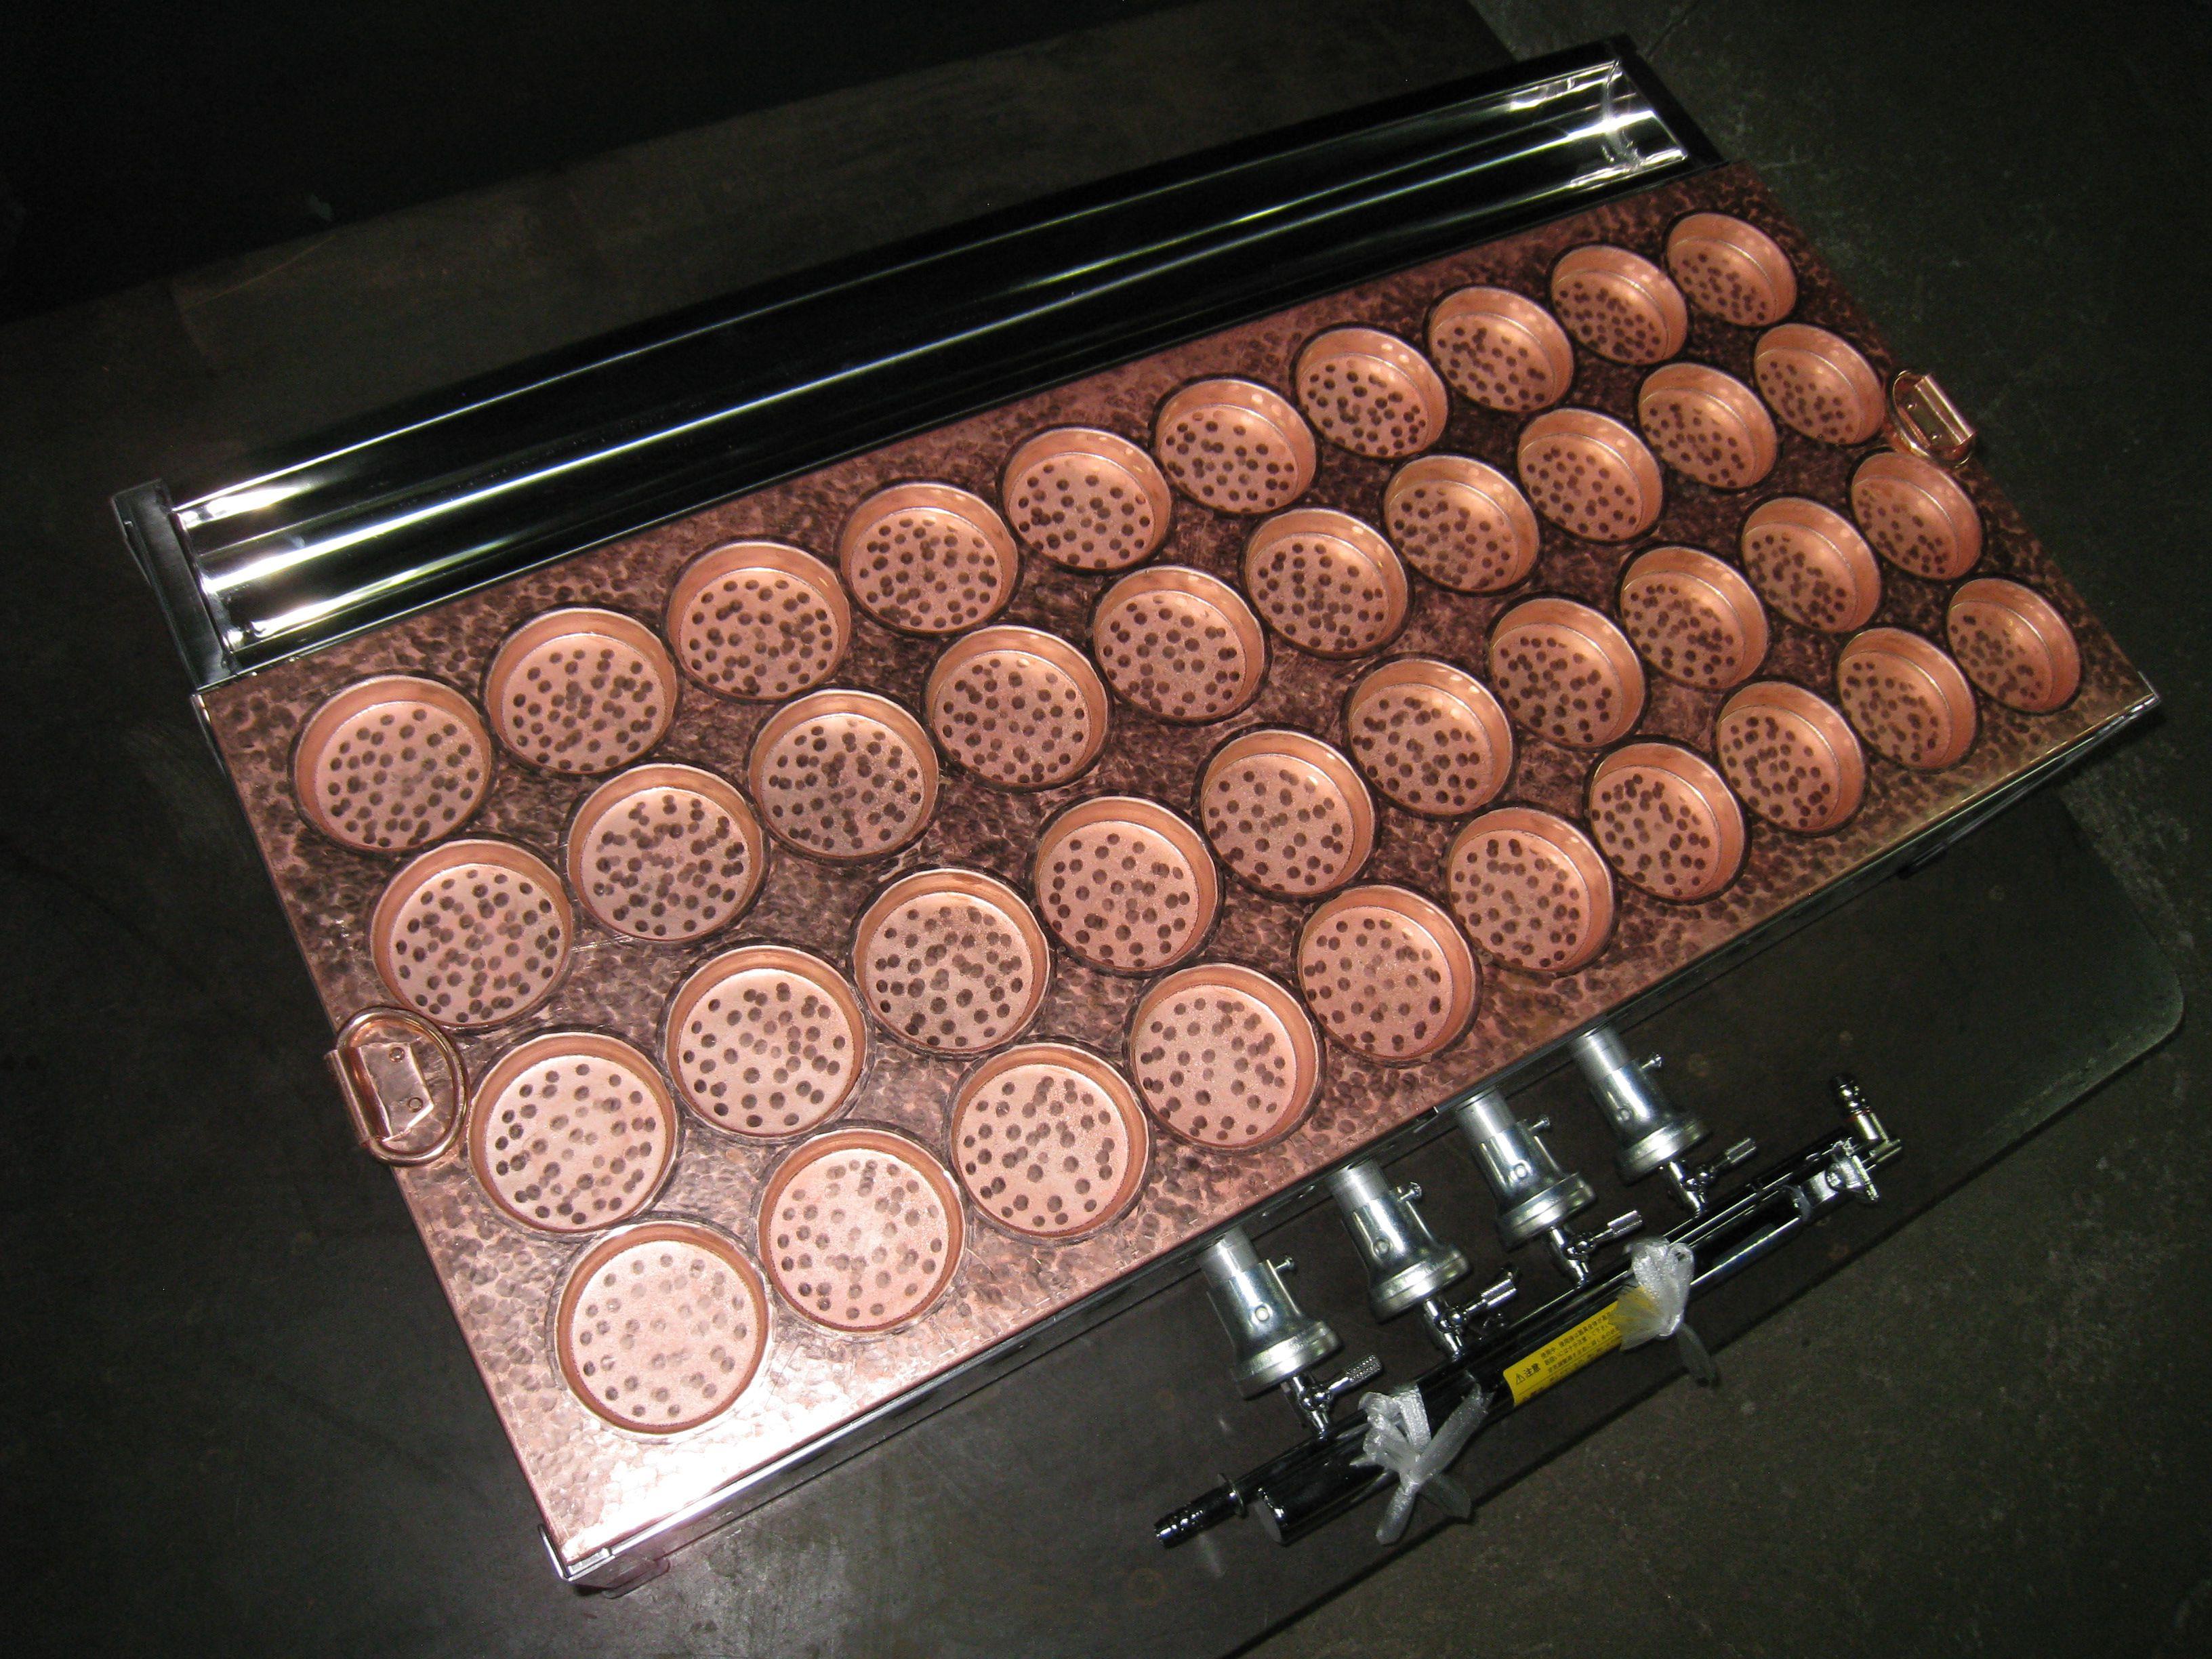 業務用銅製今川焼・回転焼き・大判焼き器40穴(コンロ付き)